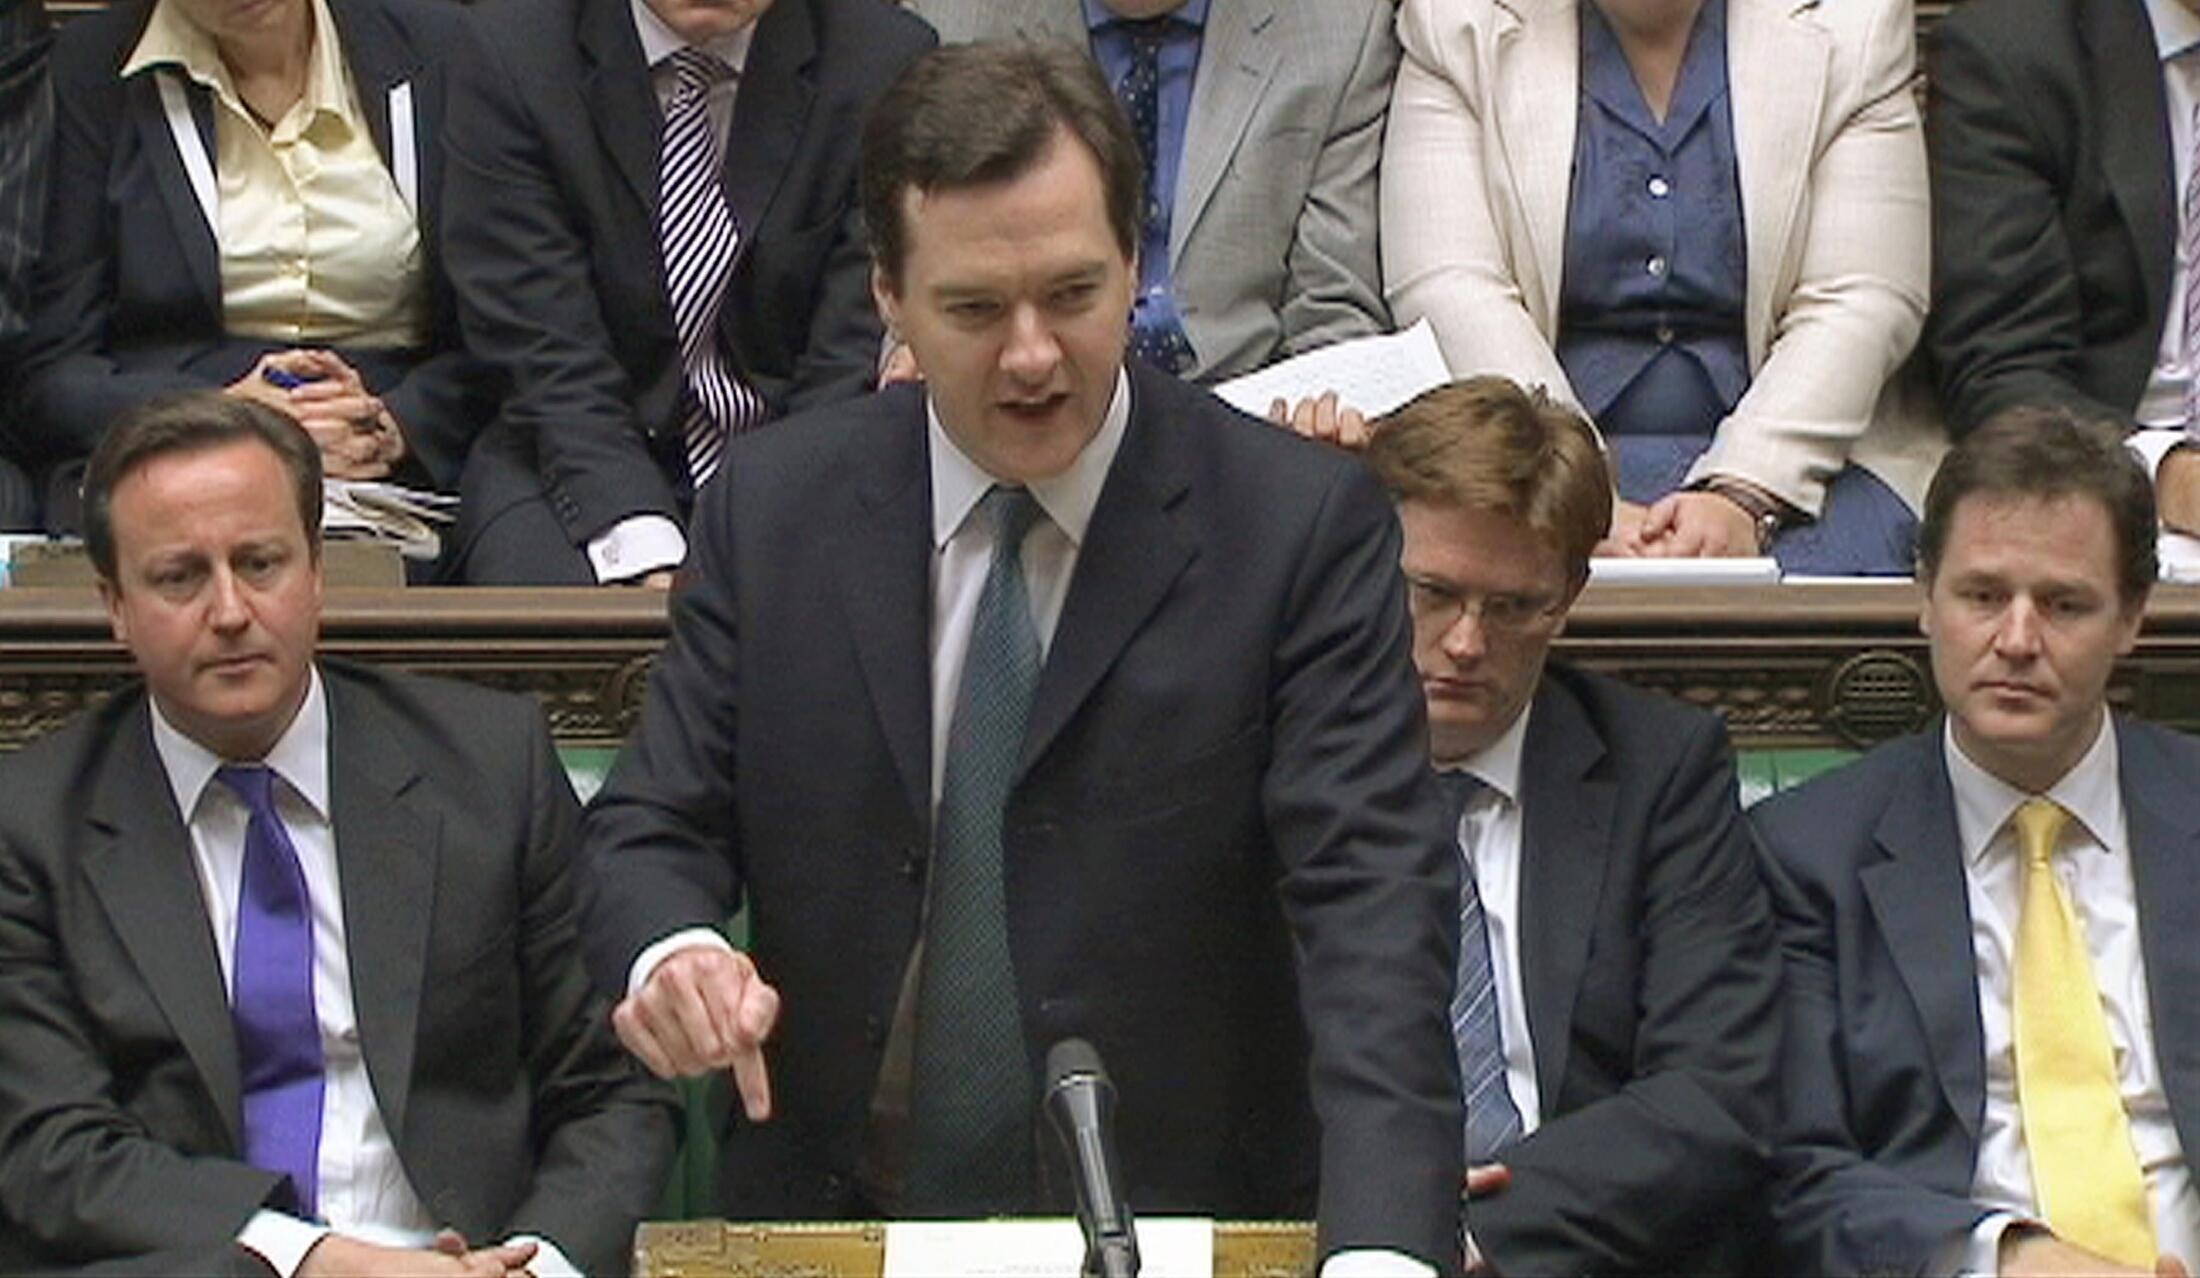 O ministro das Finanças britânico, George Osborne anunciou hoje cortes drásticos no orçamento para tentar diminuir o rombo nas contas públicas.